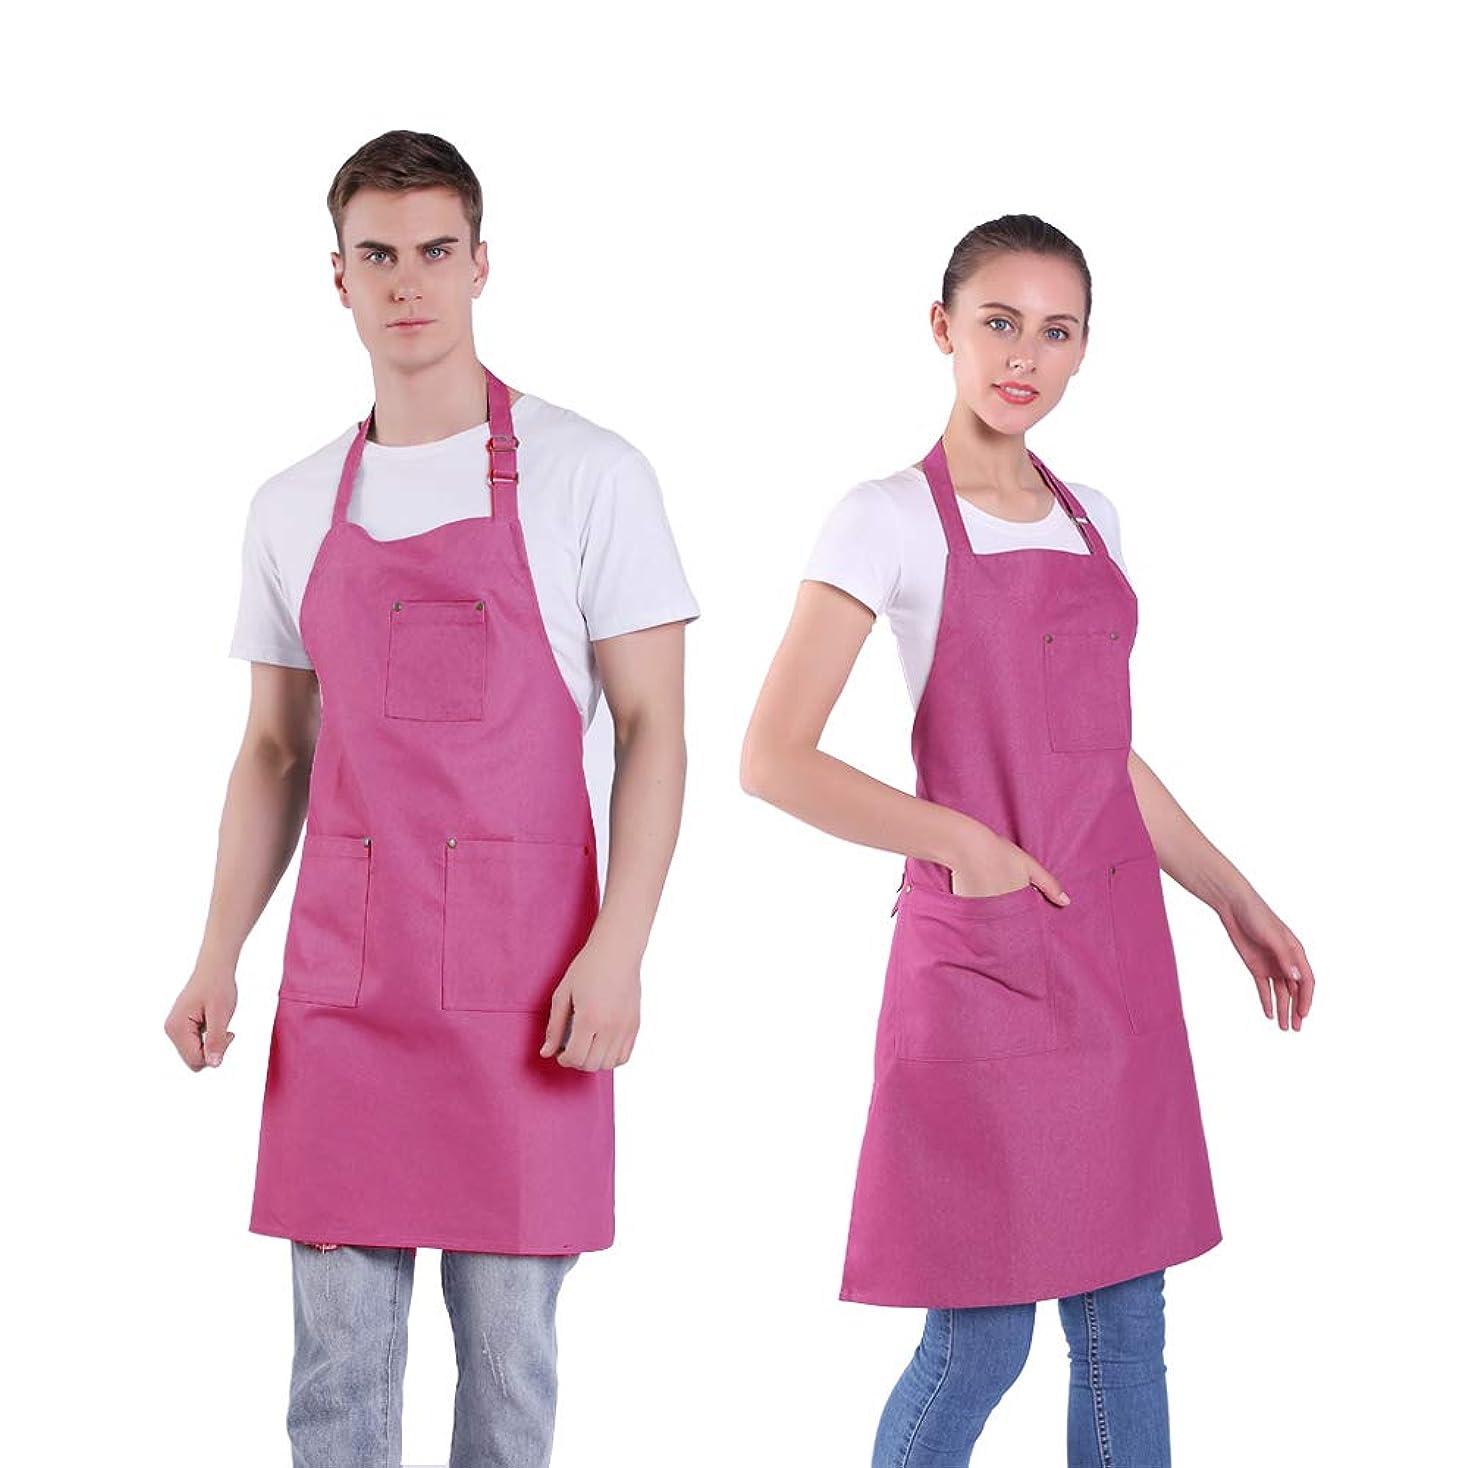 賢い平凡実際BIGHAS 首掛け デニム エプロン おしゃれ シンプル ガーデン DIY 作業用 現場用 家庭用 透けない ホコリが付きにくい 4ポケット メンズ 女性用 6色